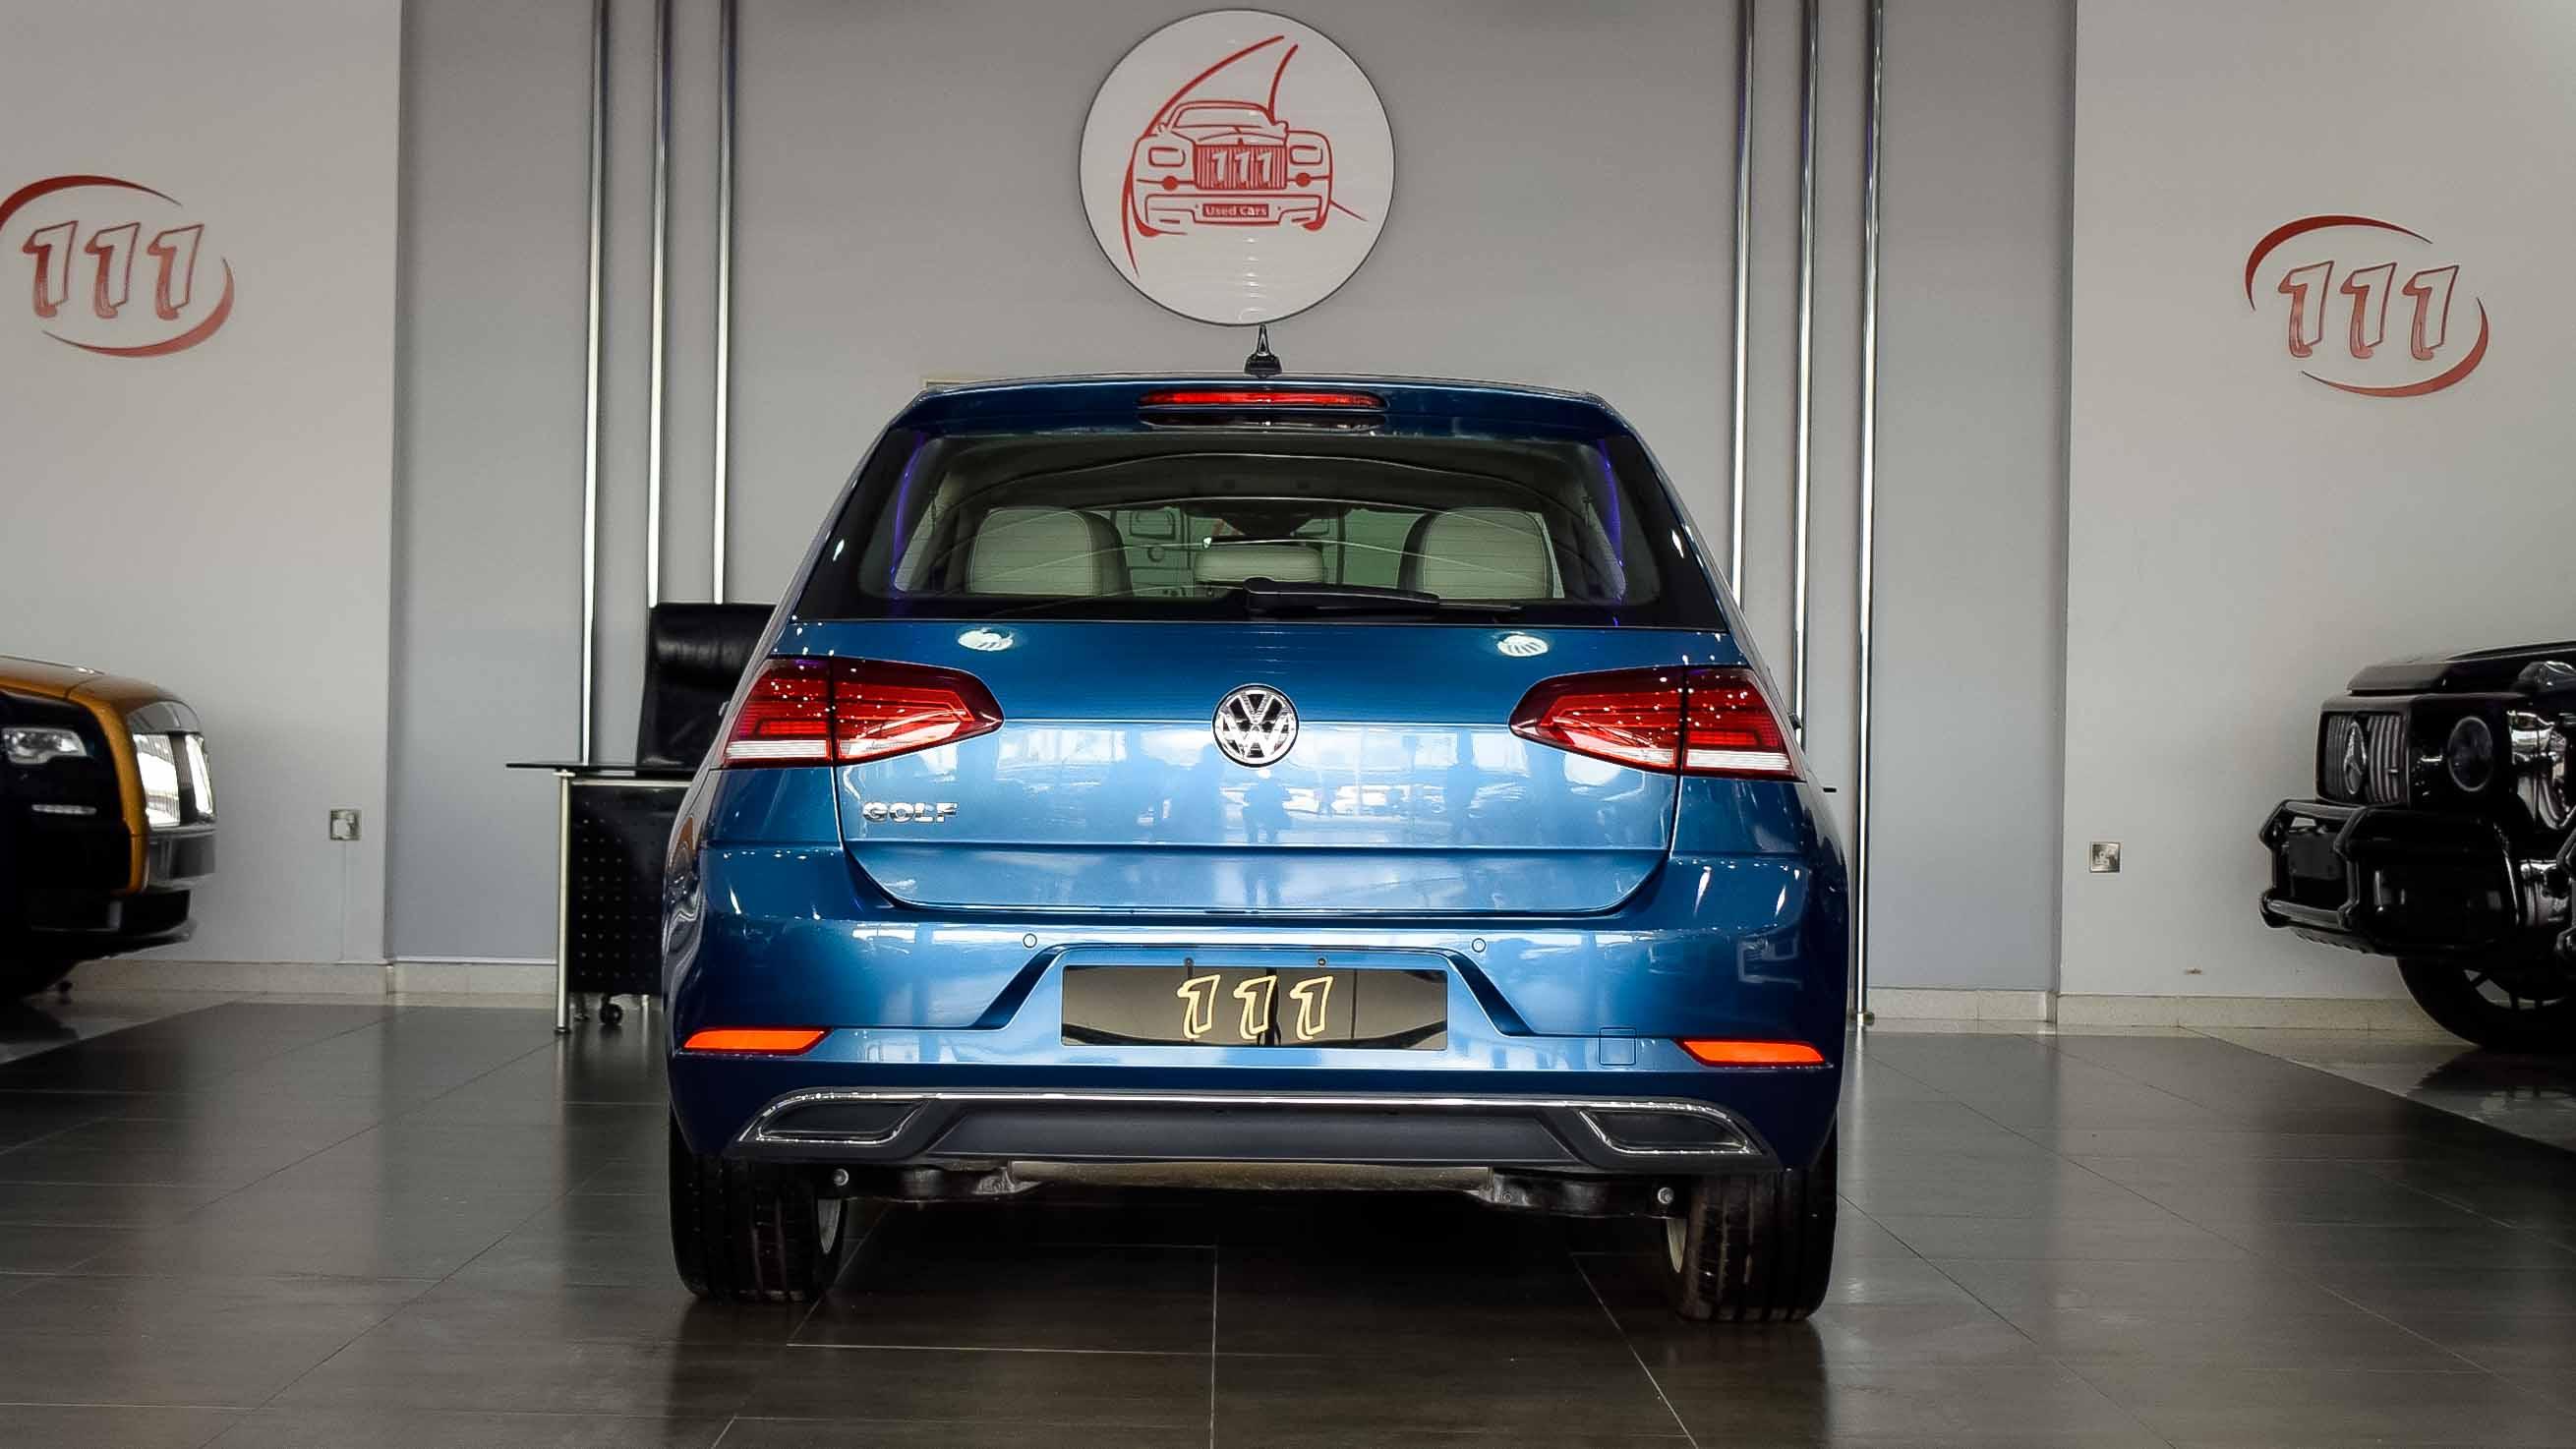 2019-Volkswagen-Golf-1.4-Blue-Beige-Canadian-Specifications-11-1.jpg